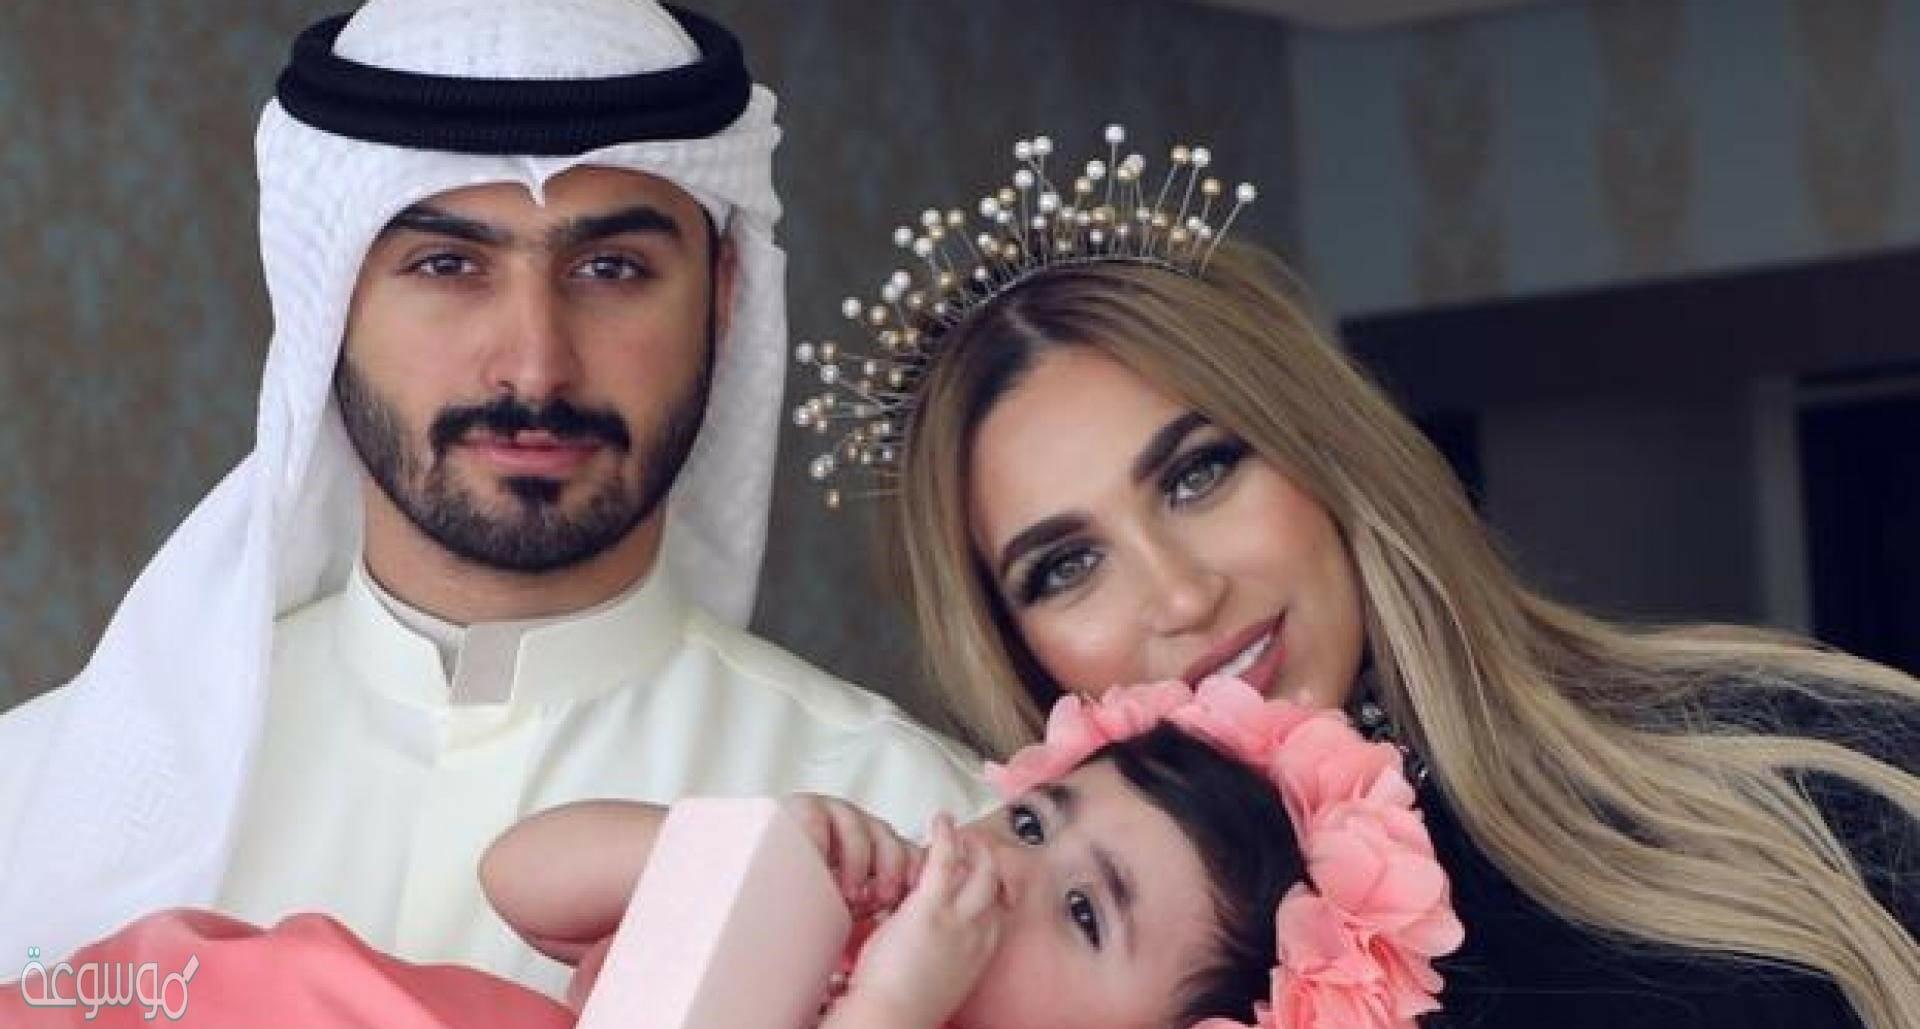 الفاشينستا الكويتية الدكتورة خلود ترد على فتاة قالت لزوجها أحبك